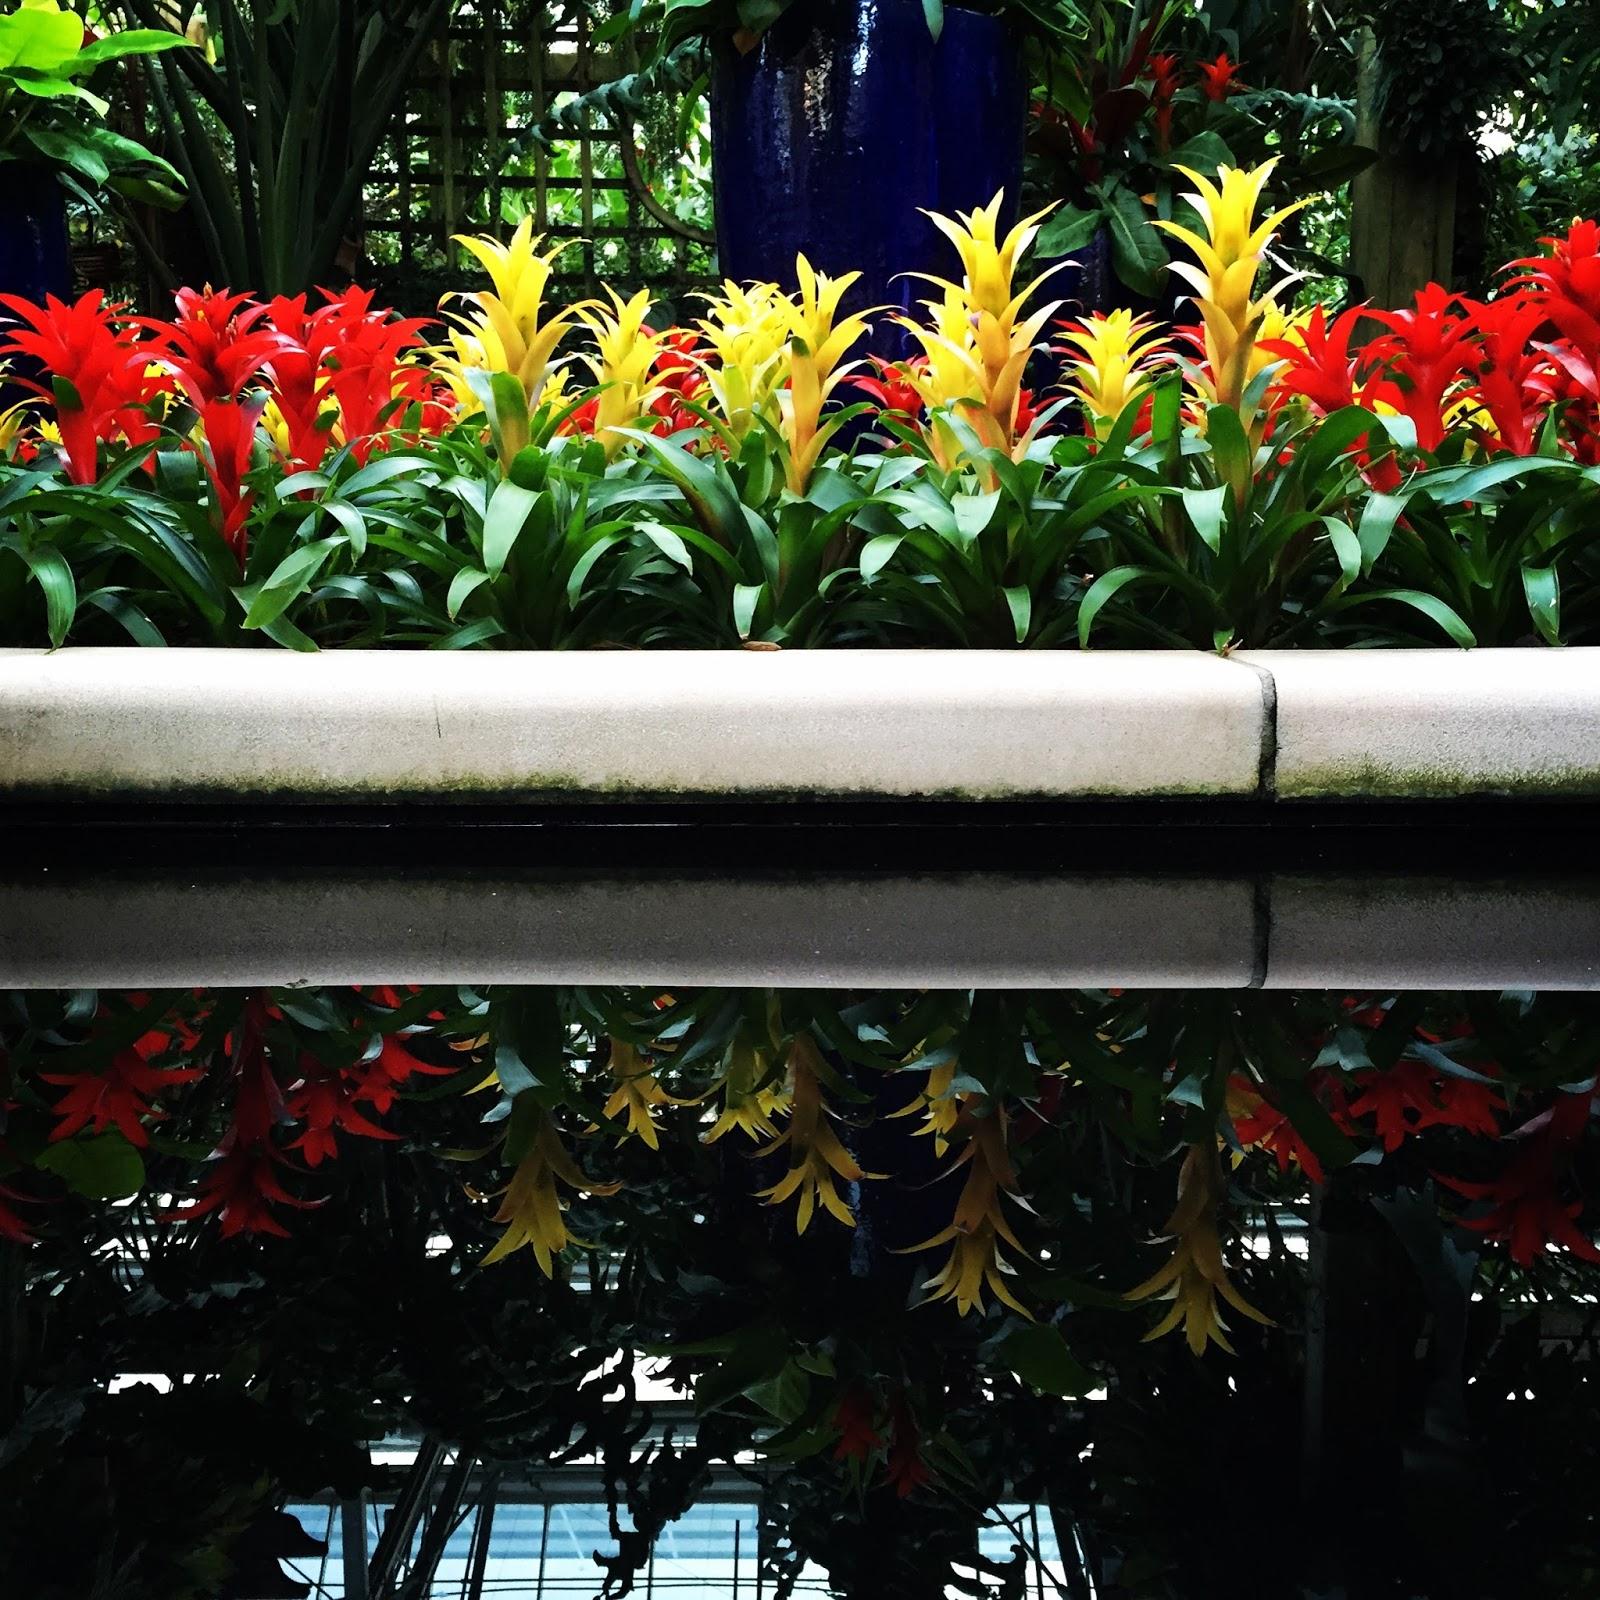 Atlanta Botanical Garden Skyline Gardens: Sridhar Peddisetty's Space: Atlanta Botanical Garden